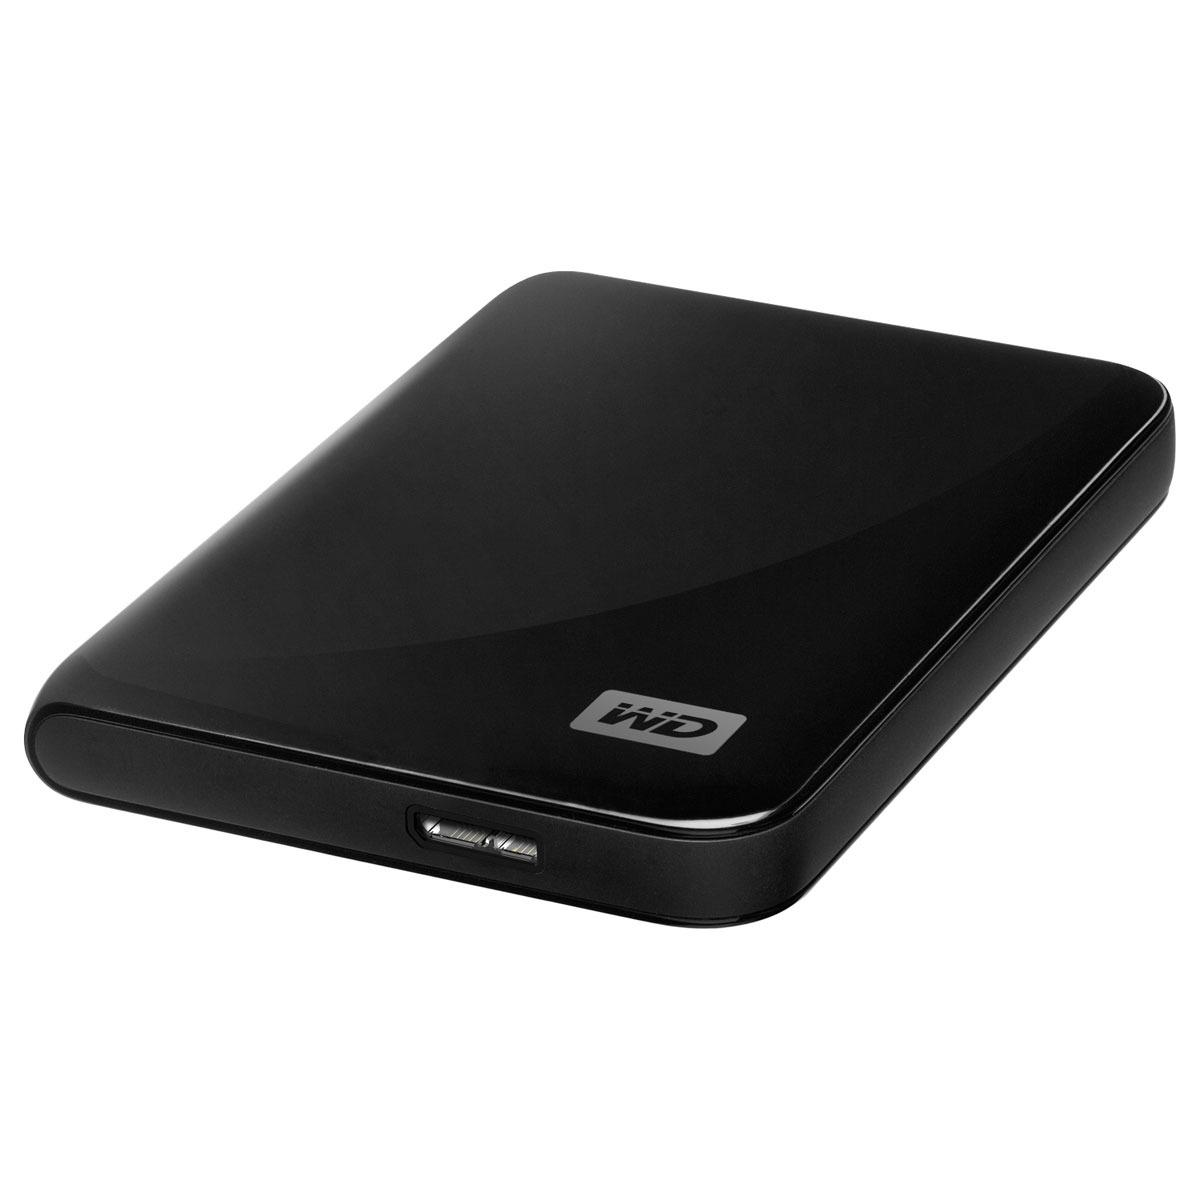 """Disque dur externe Western Digital My Passport Essential 320 Go Noir (USB 3.0) Disque dur externe 2.5"""" sur port USB 3.0/USB 2.0  (garantie constructeur 2 ans)"""